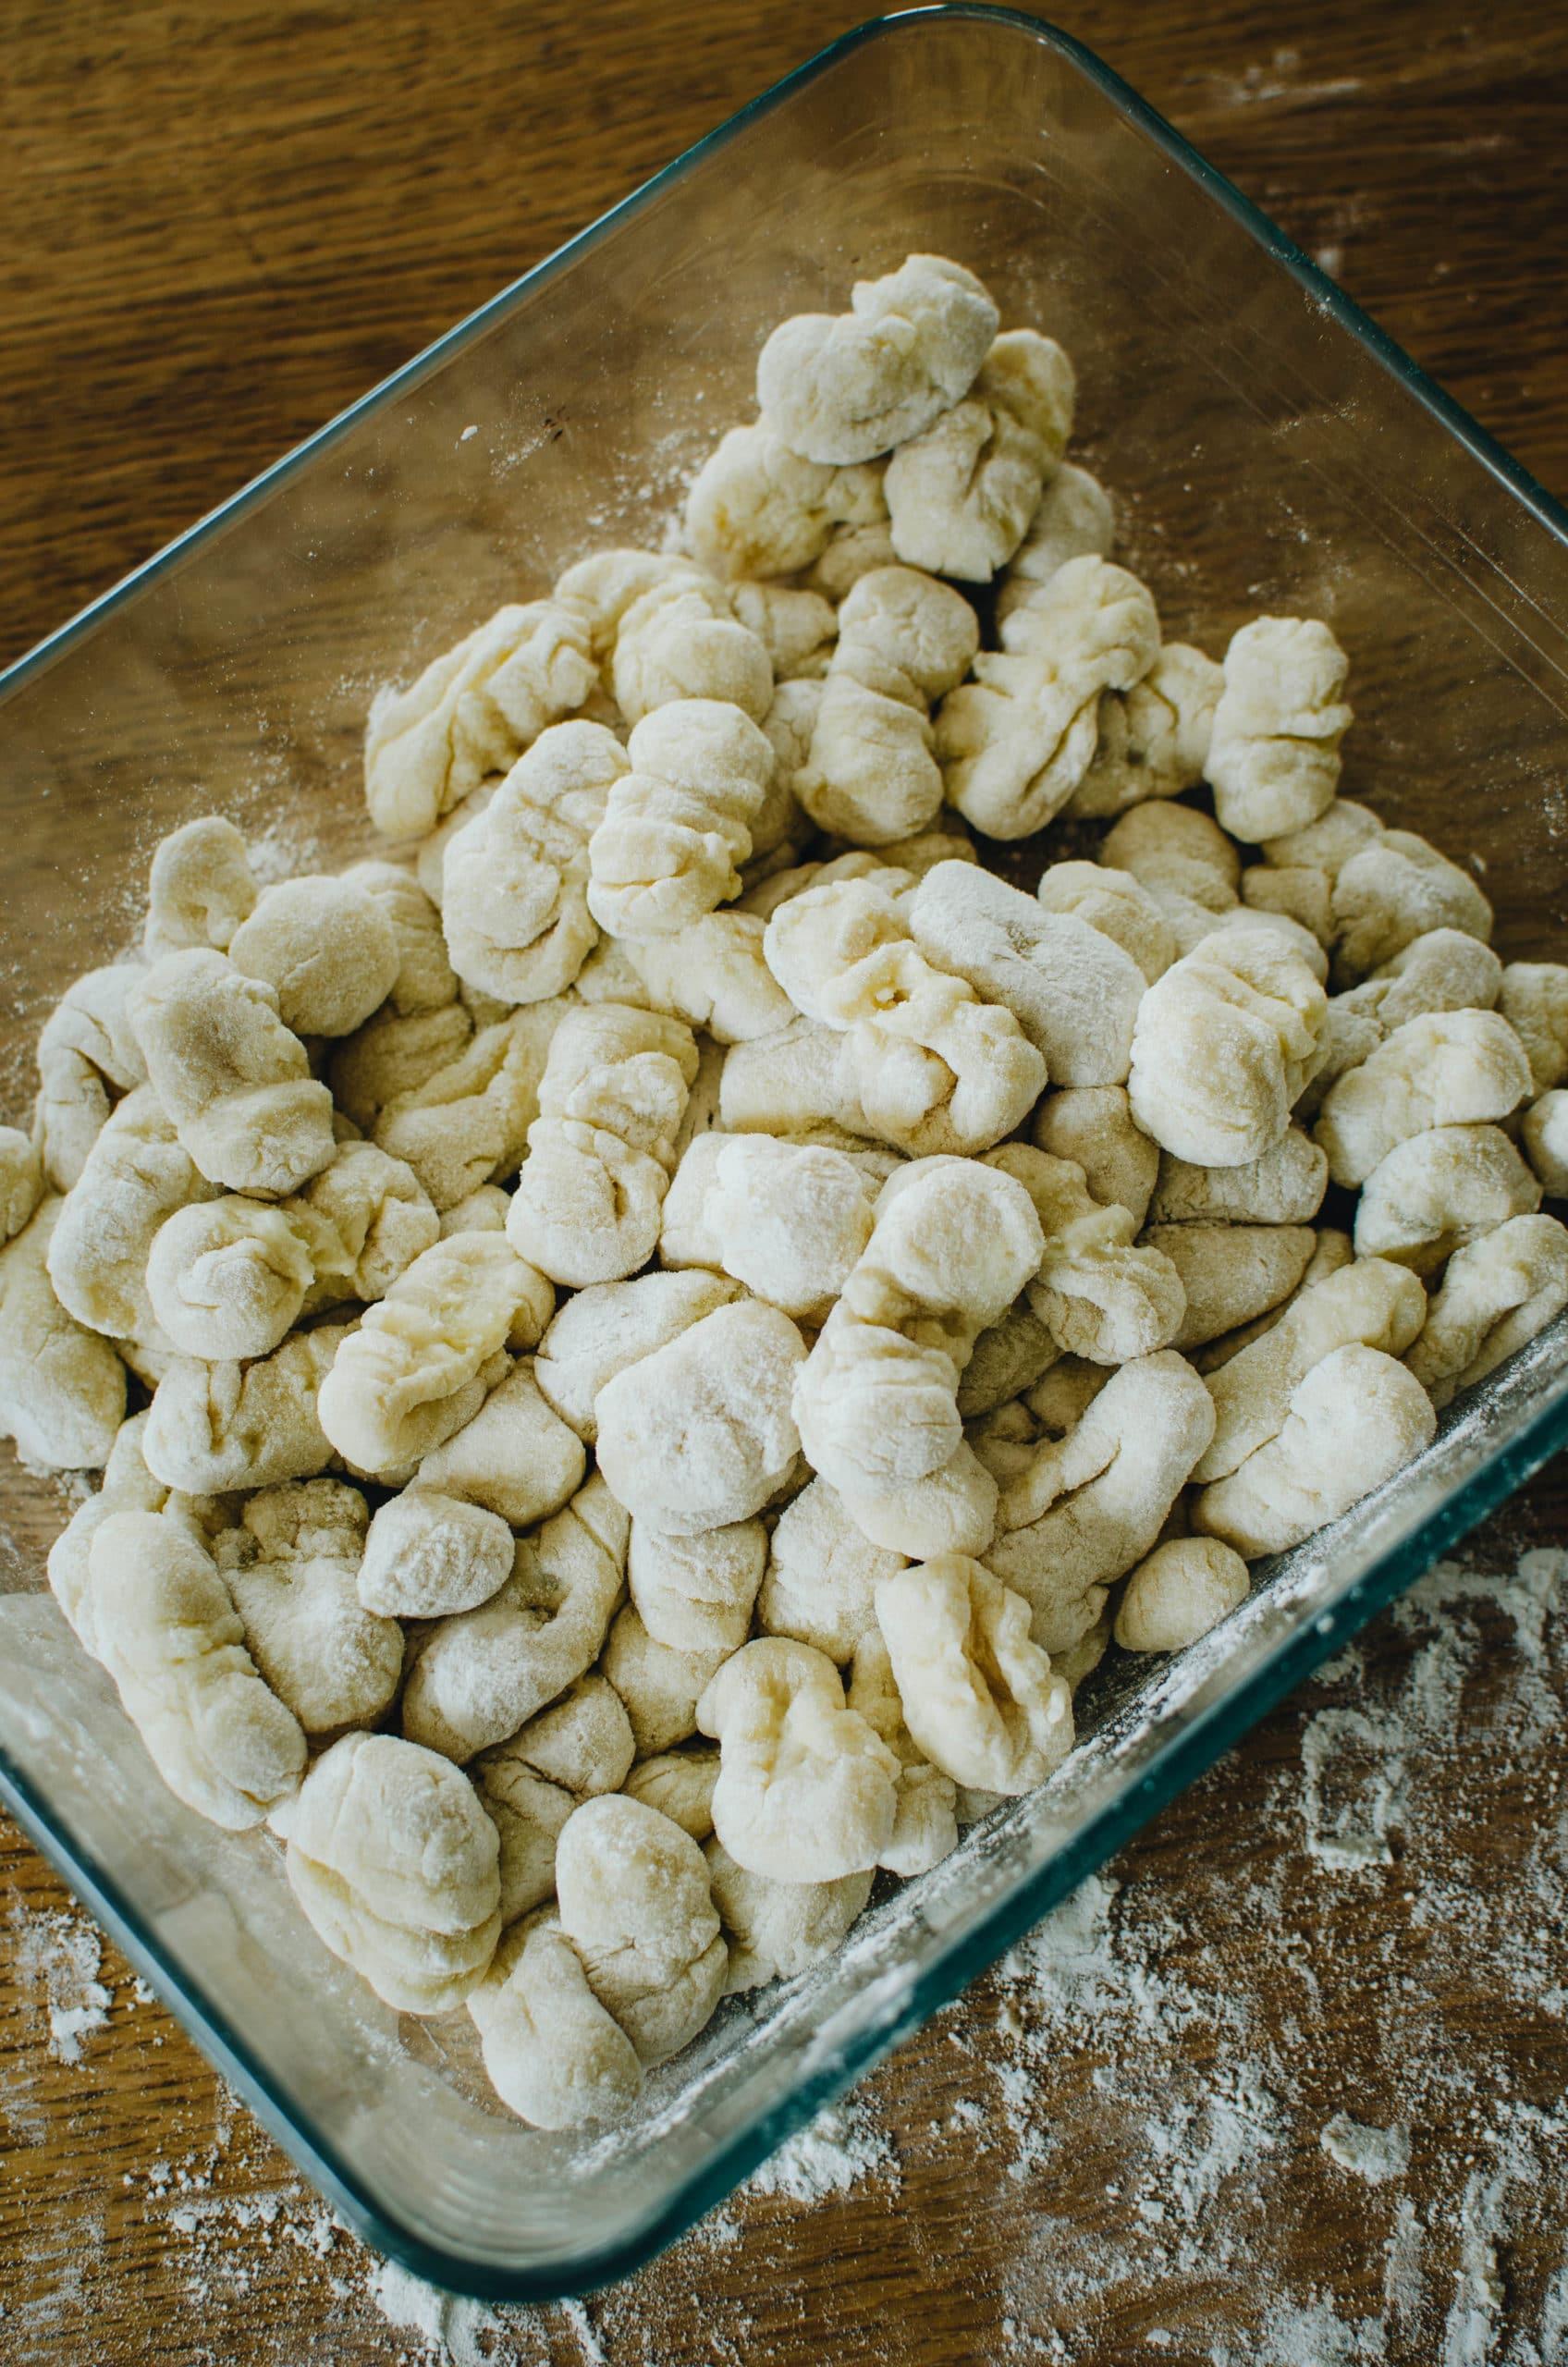 faire ses propres pâtes de pomme de terre à la maison